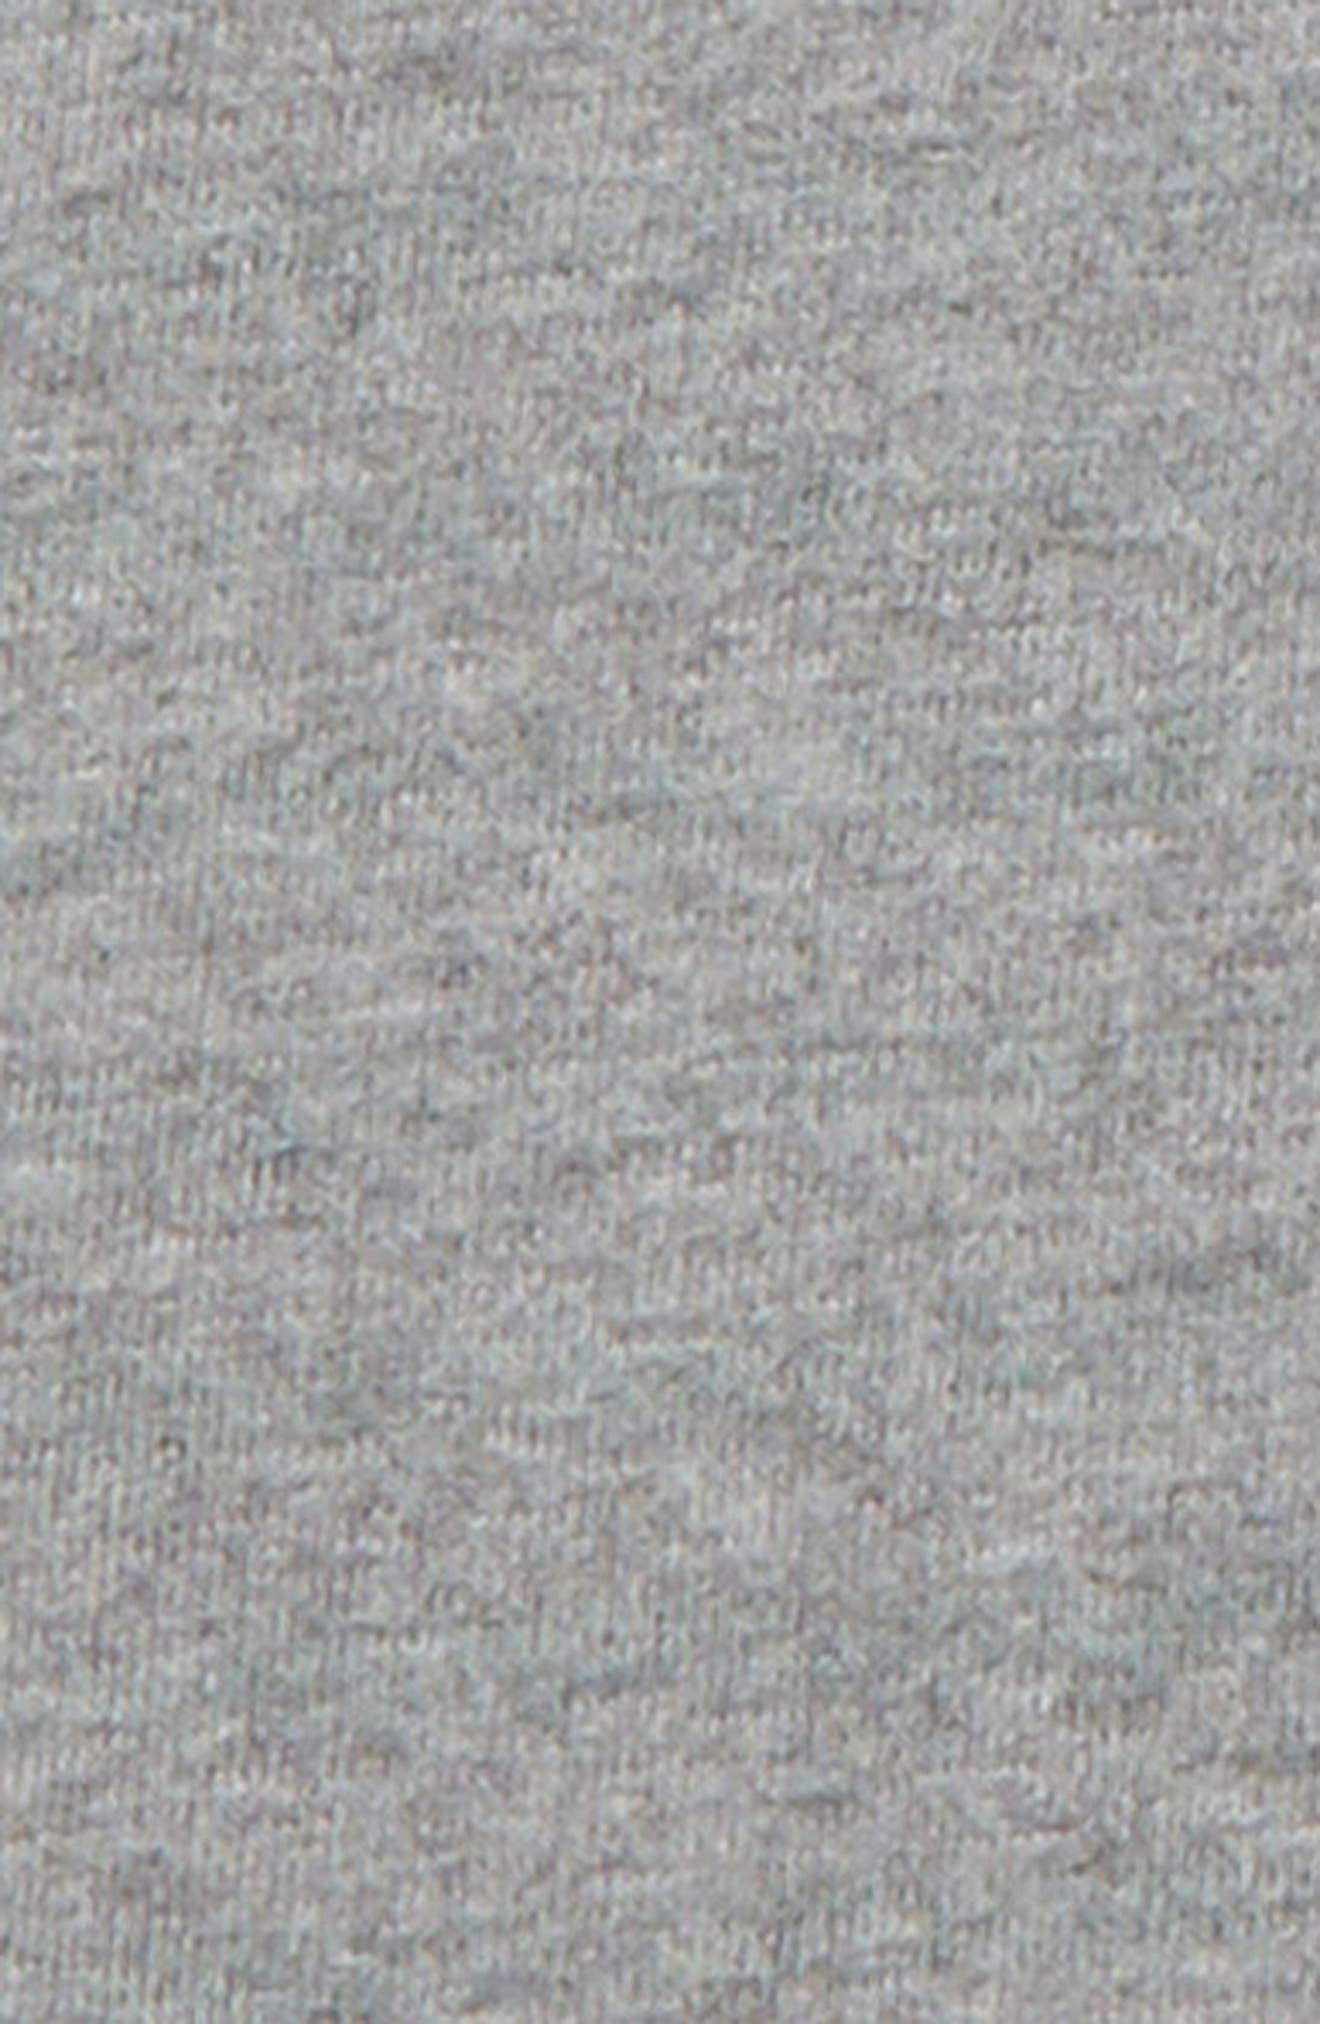 Slouch Sweatpants,                             Alternate thumbnail 2, color,                             062